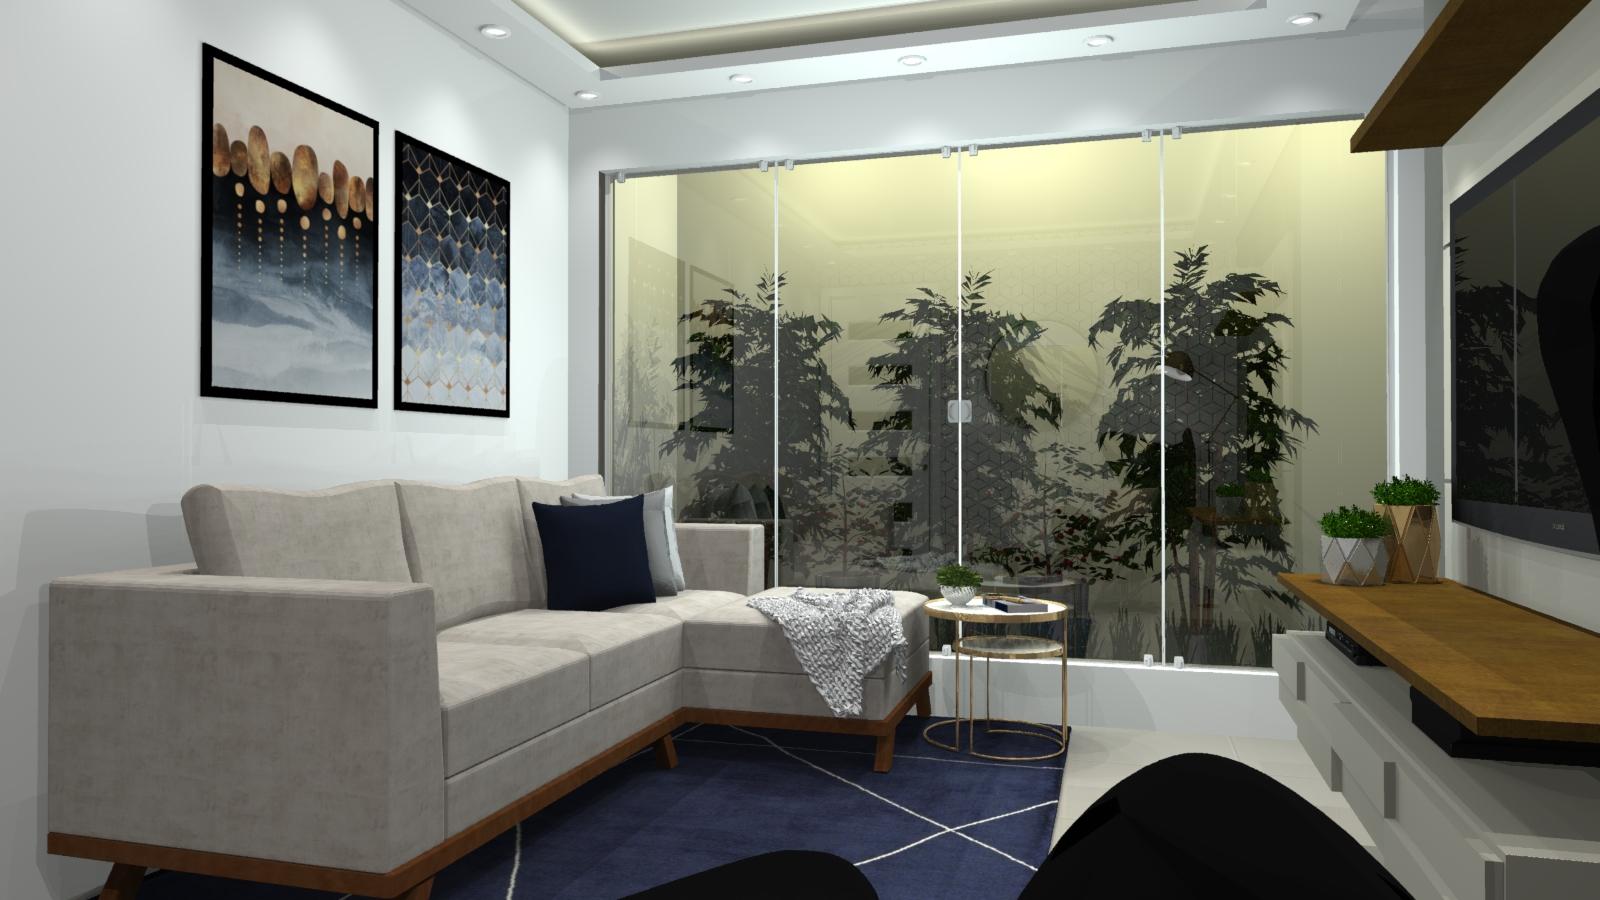 Sala de estar estilo Moderno sofisticado Moderno prático